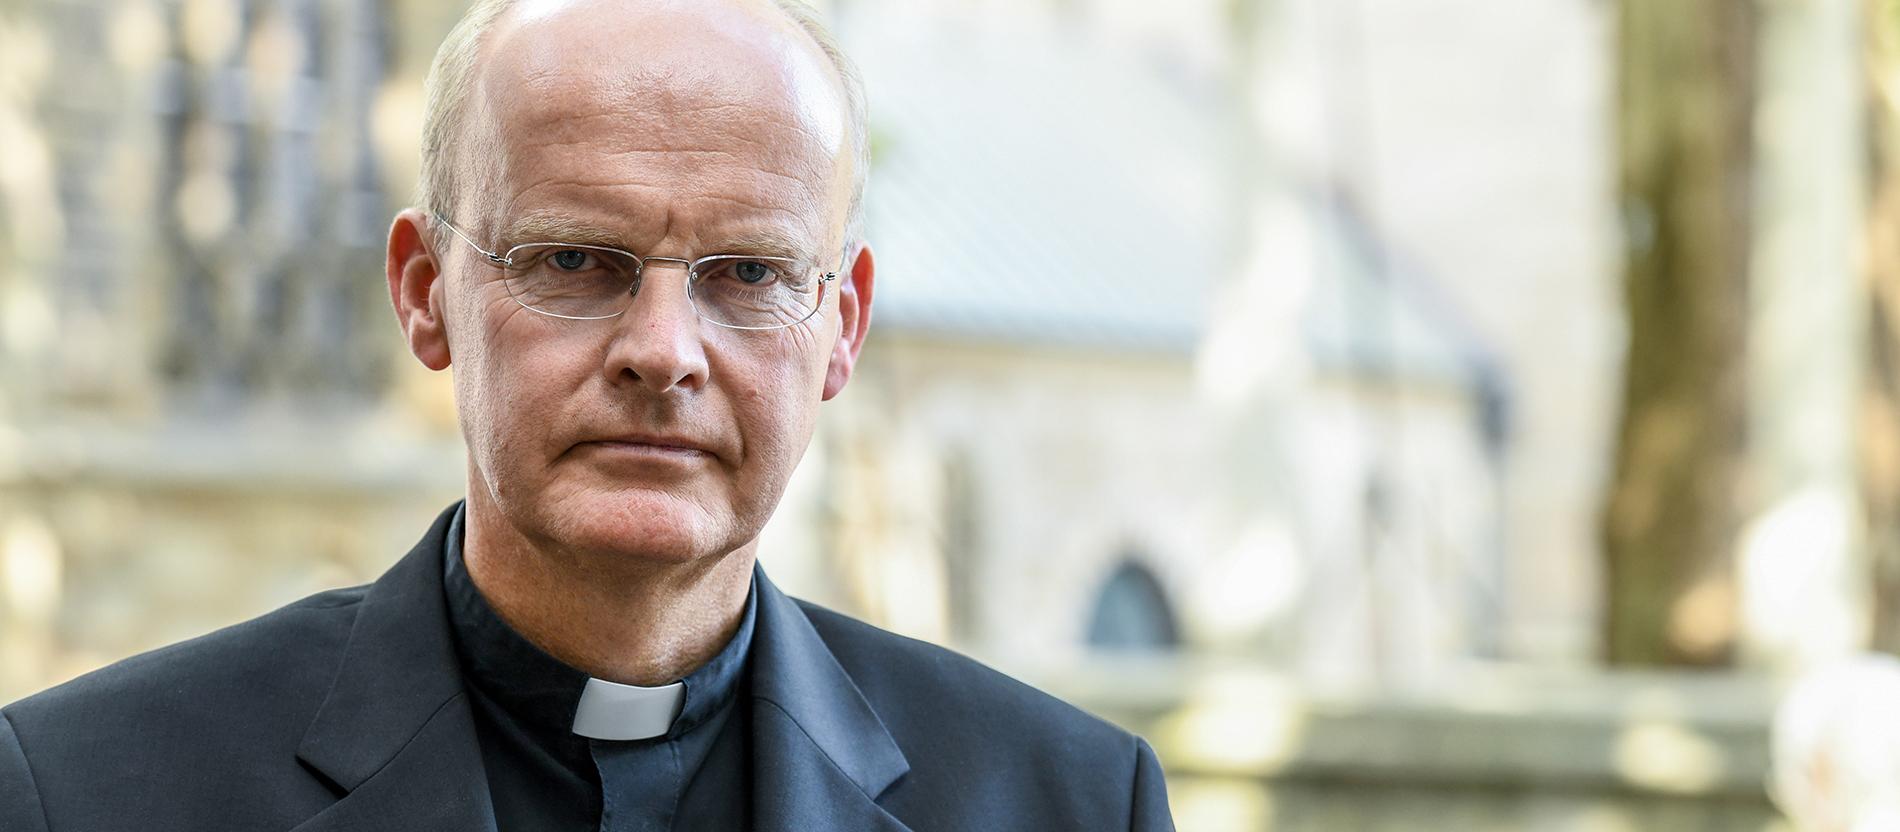 Overbeck Zu Umgang Mit Missbrauch Habe Schuld Auf Mich Geladen Katholisch De